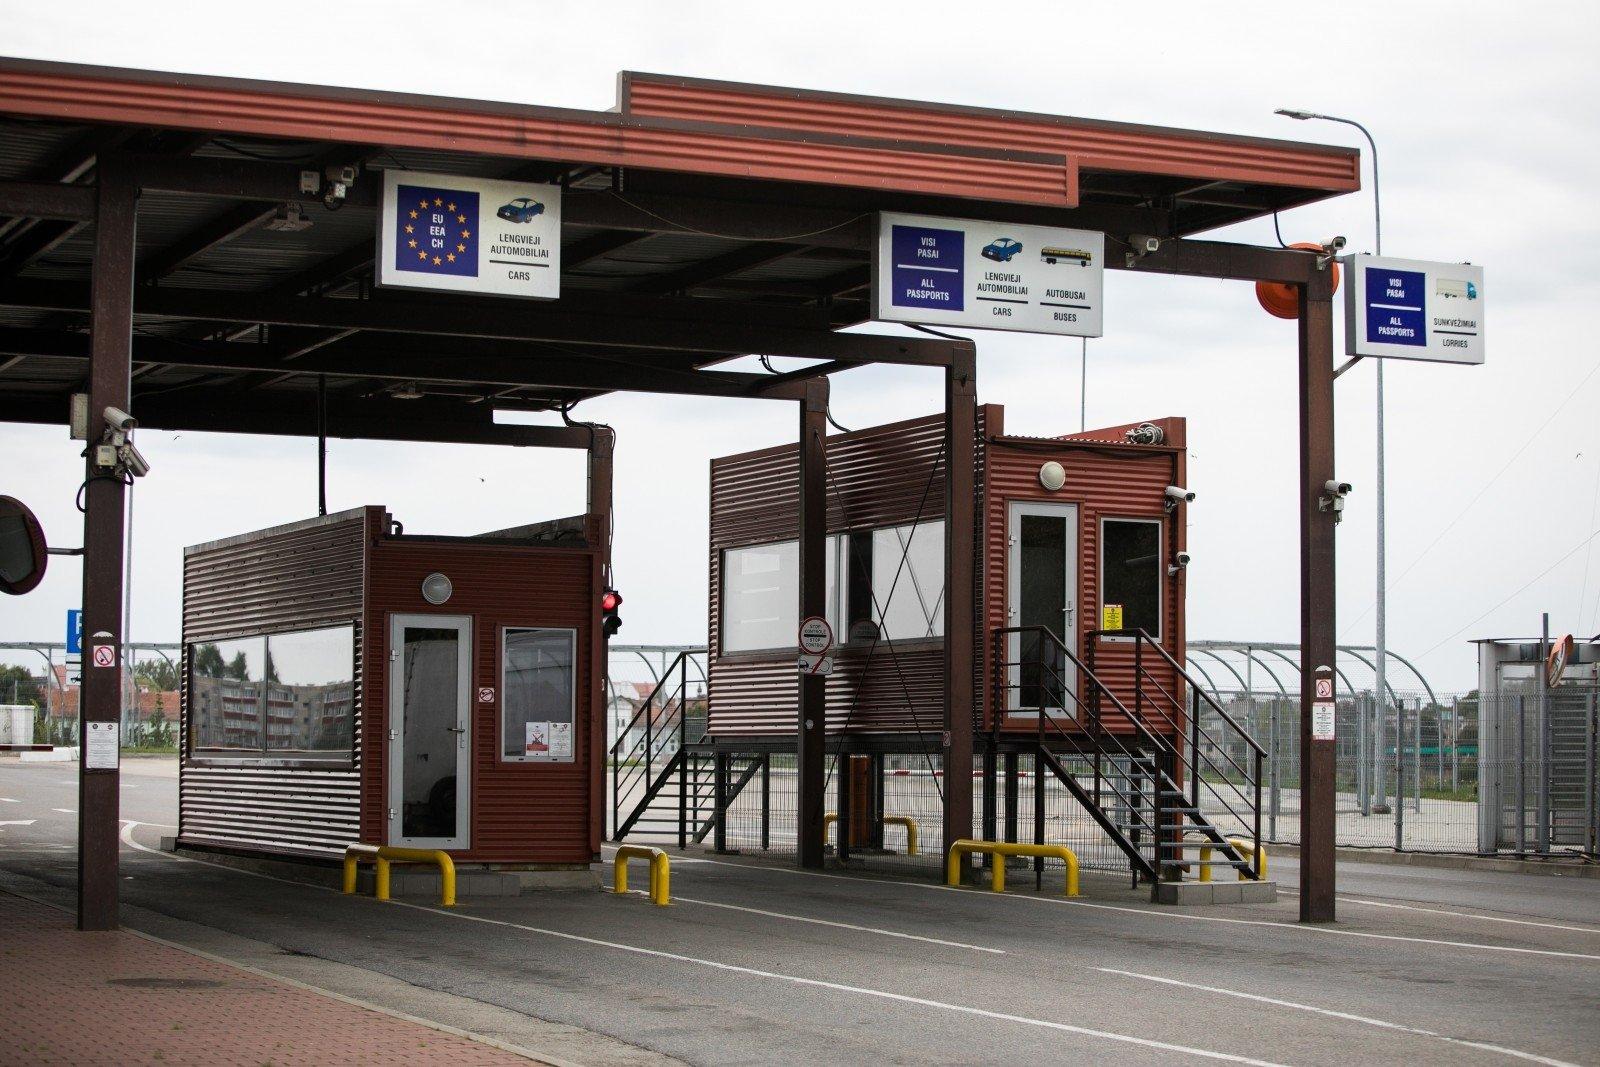 Турки бегут в Латвию: пограничники задержали гражданина Турции(1)